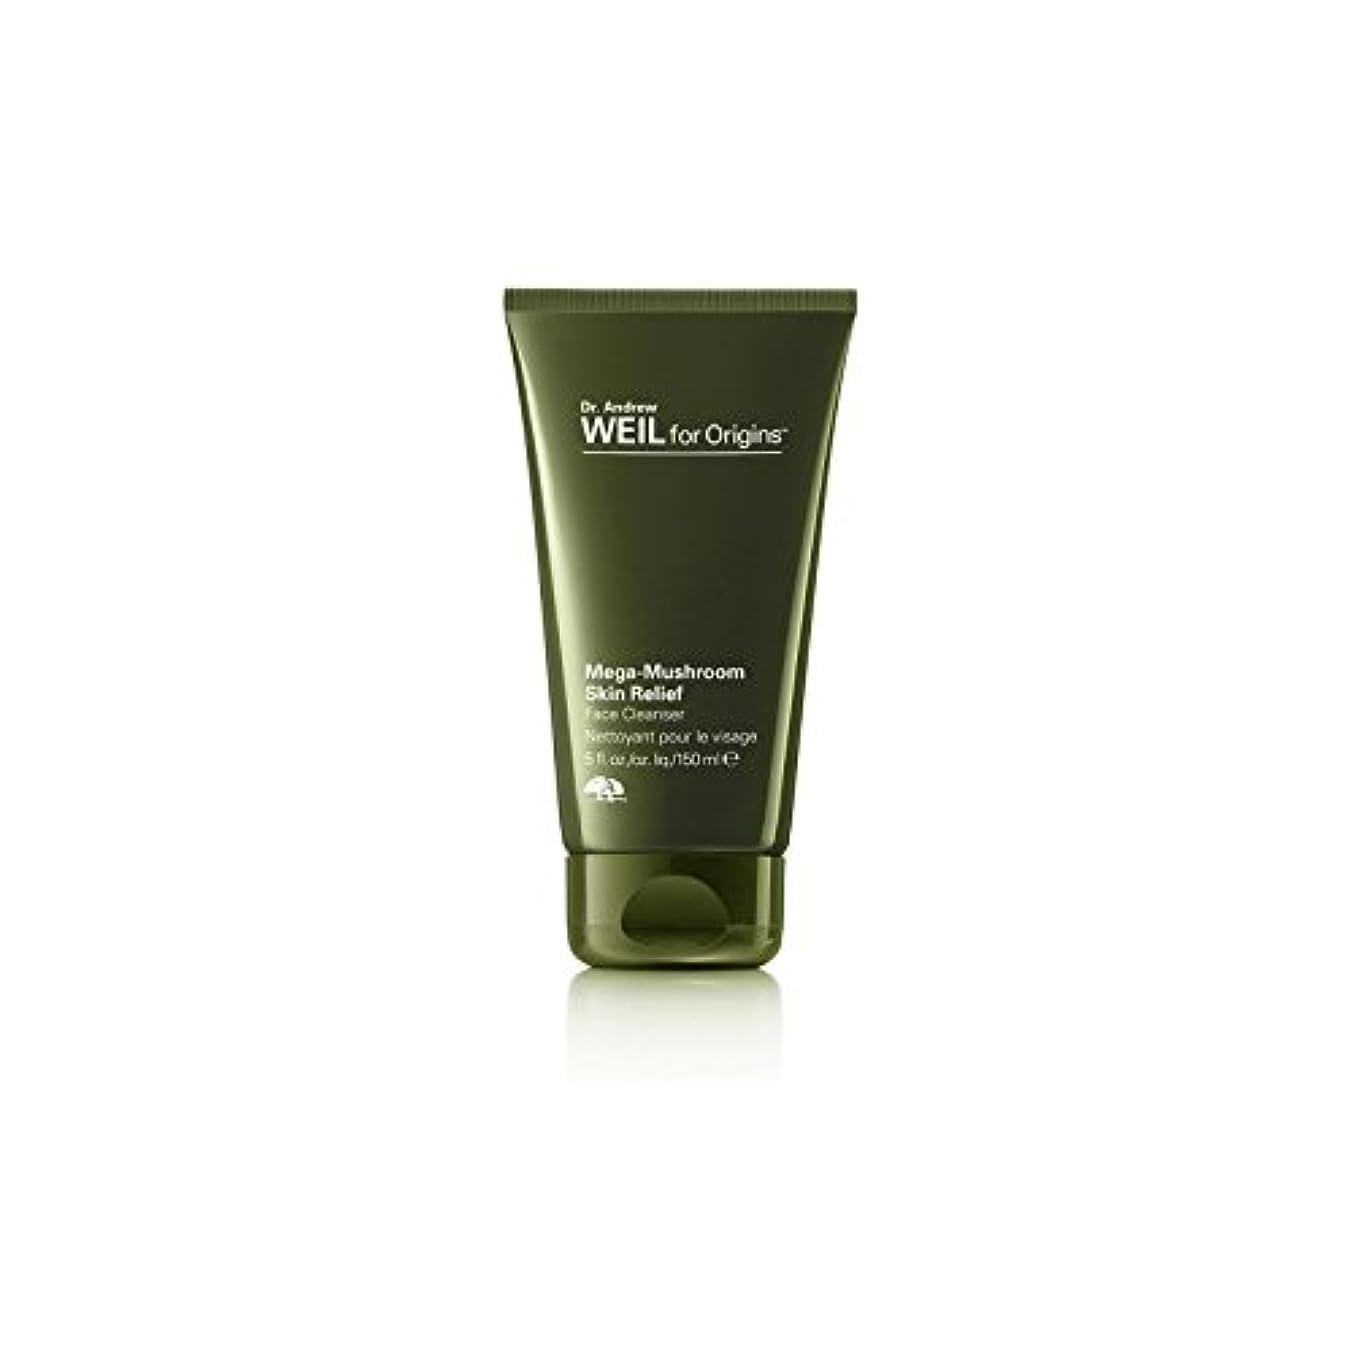 回路辛いフレキシブルOrigins Dr. Andrew Weil For Origins Mega-Mushroom Skin Relief Face Cleanser 150ml - 起源アンドルー?ワイル起源メガキノコ皮膚救済顔クレンザー150ミリリットルのために [並行輸入品]